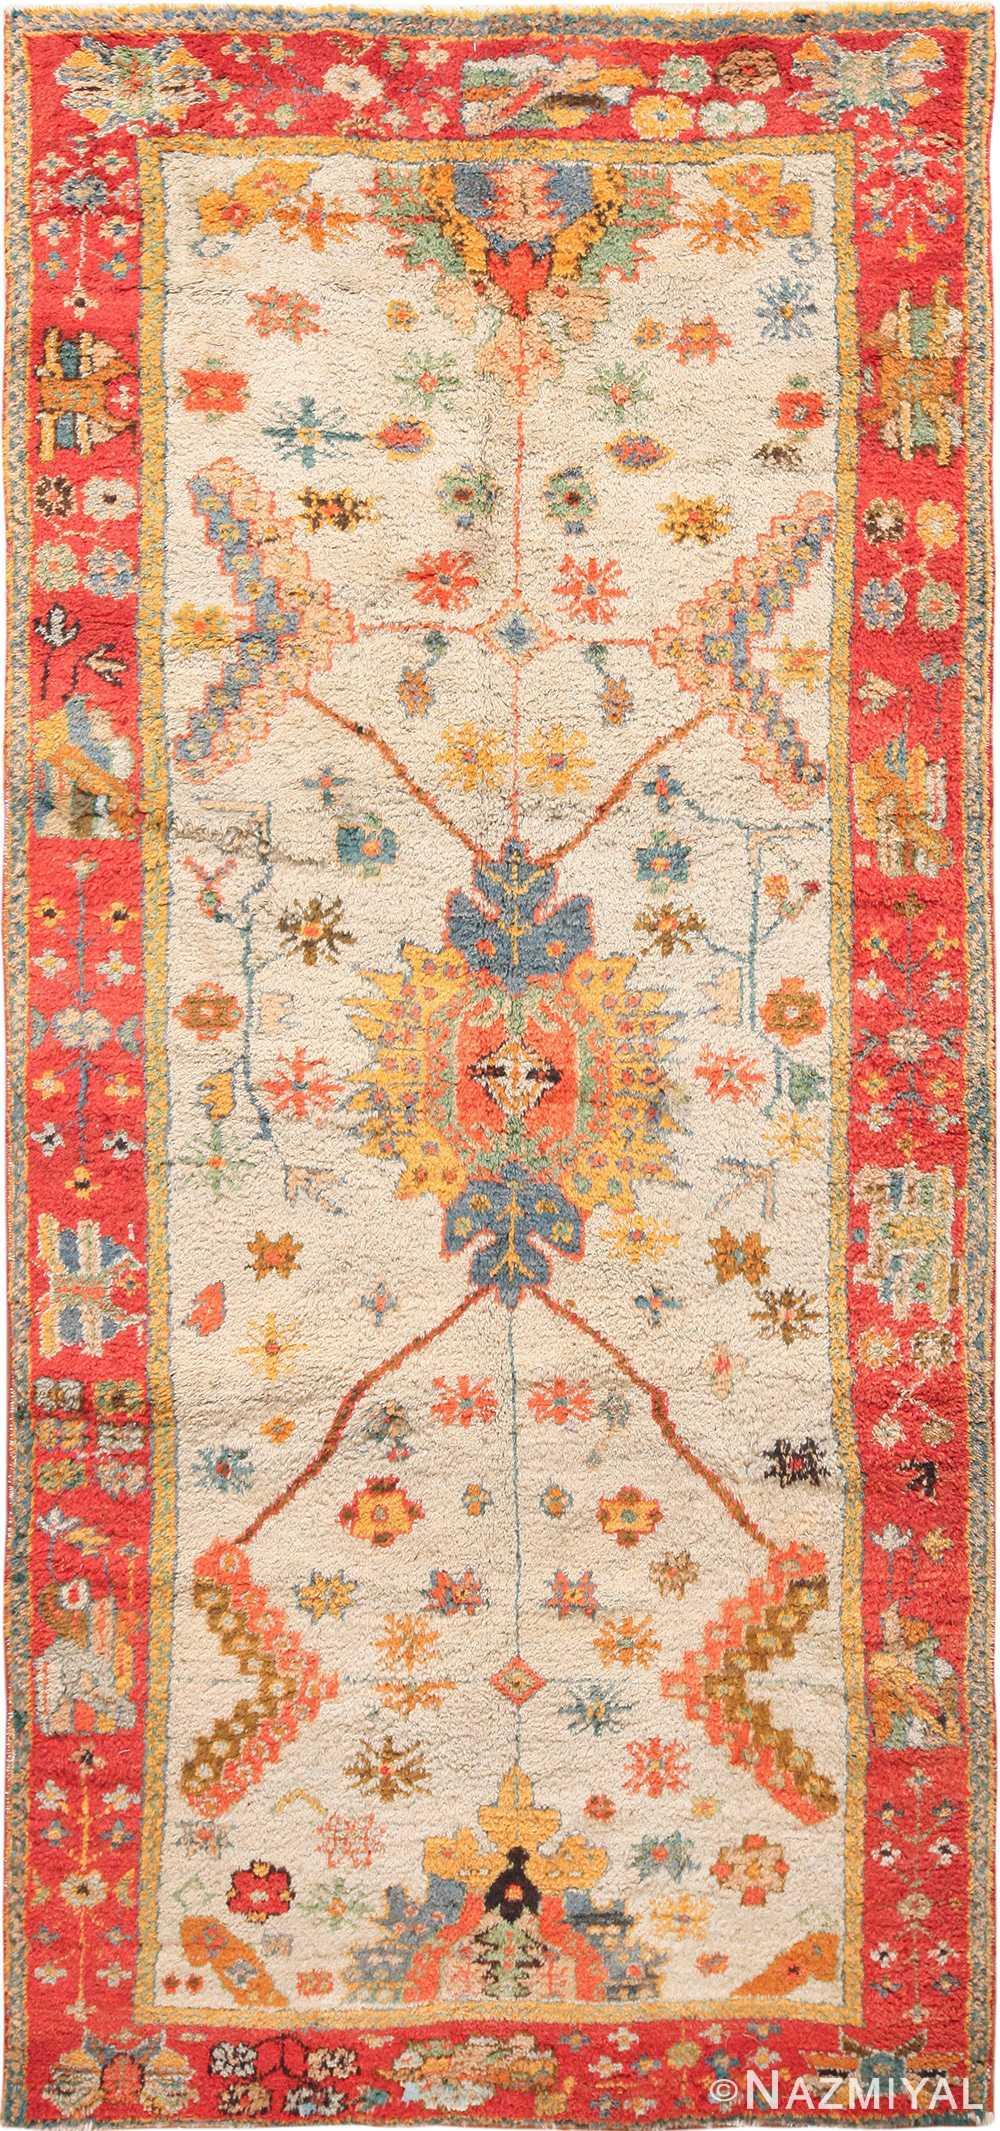 Light Blue Background Antique Turkish Oushak Rug 49834 Nazmiyal